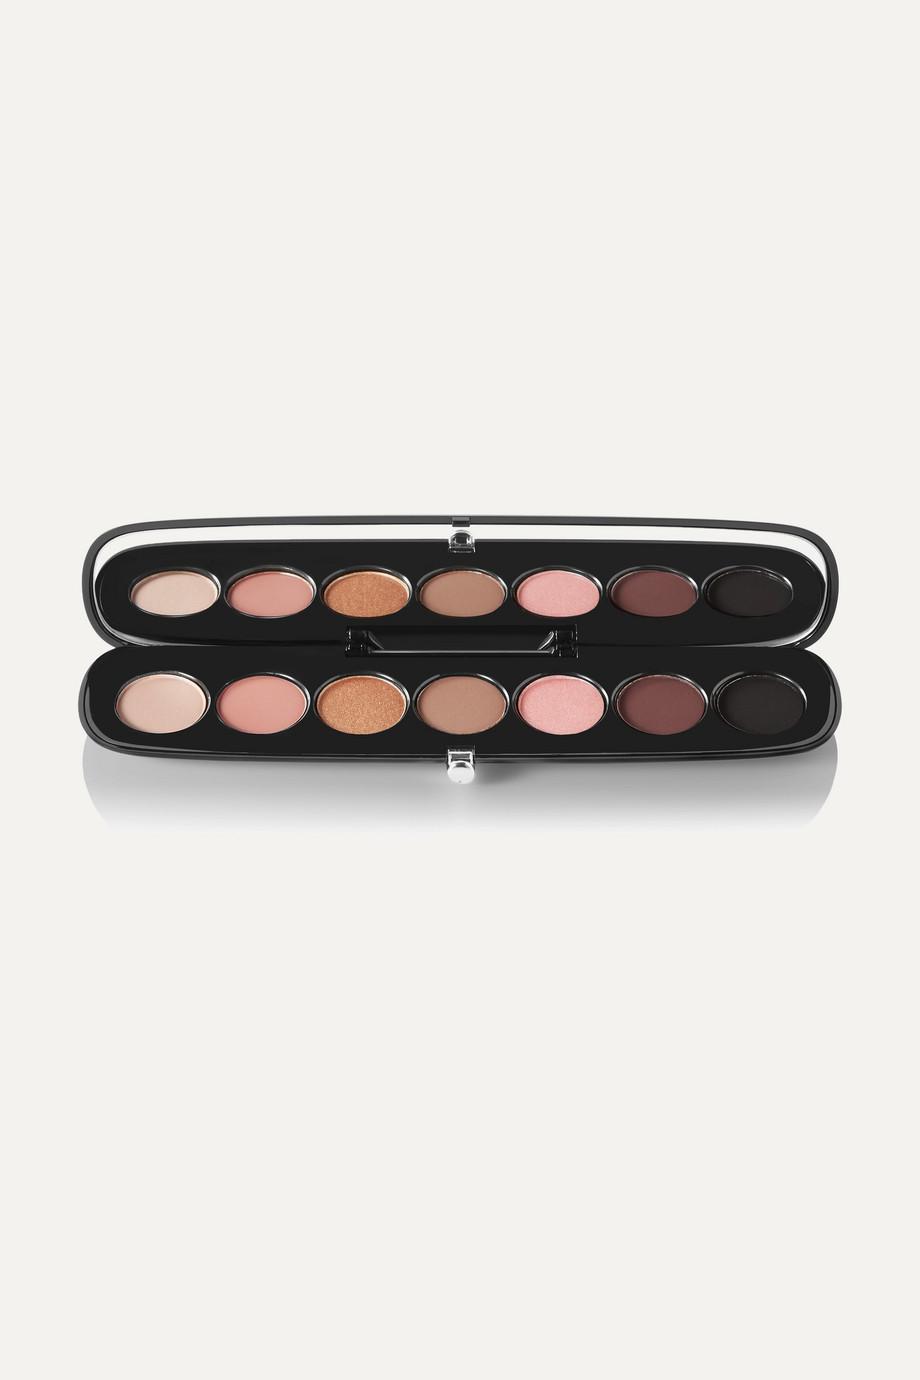 Marc Jacobs Beauty Eye-Conic Longwear Eyeshadow Palette – Glambition 720 – Lidschattenpalette